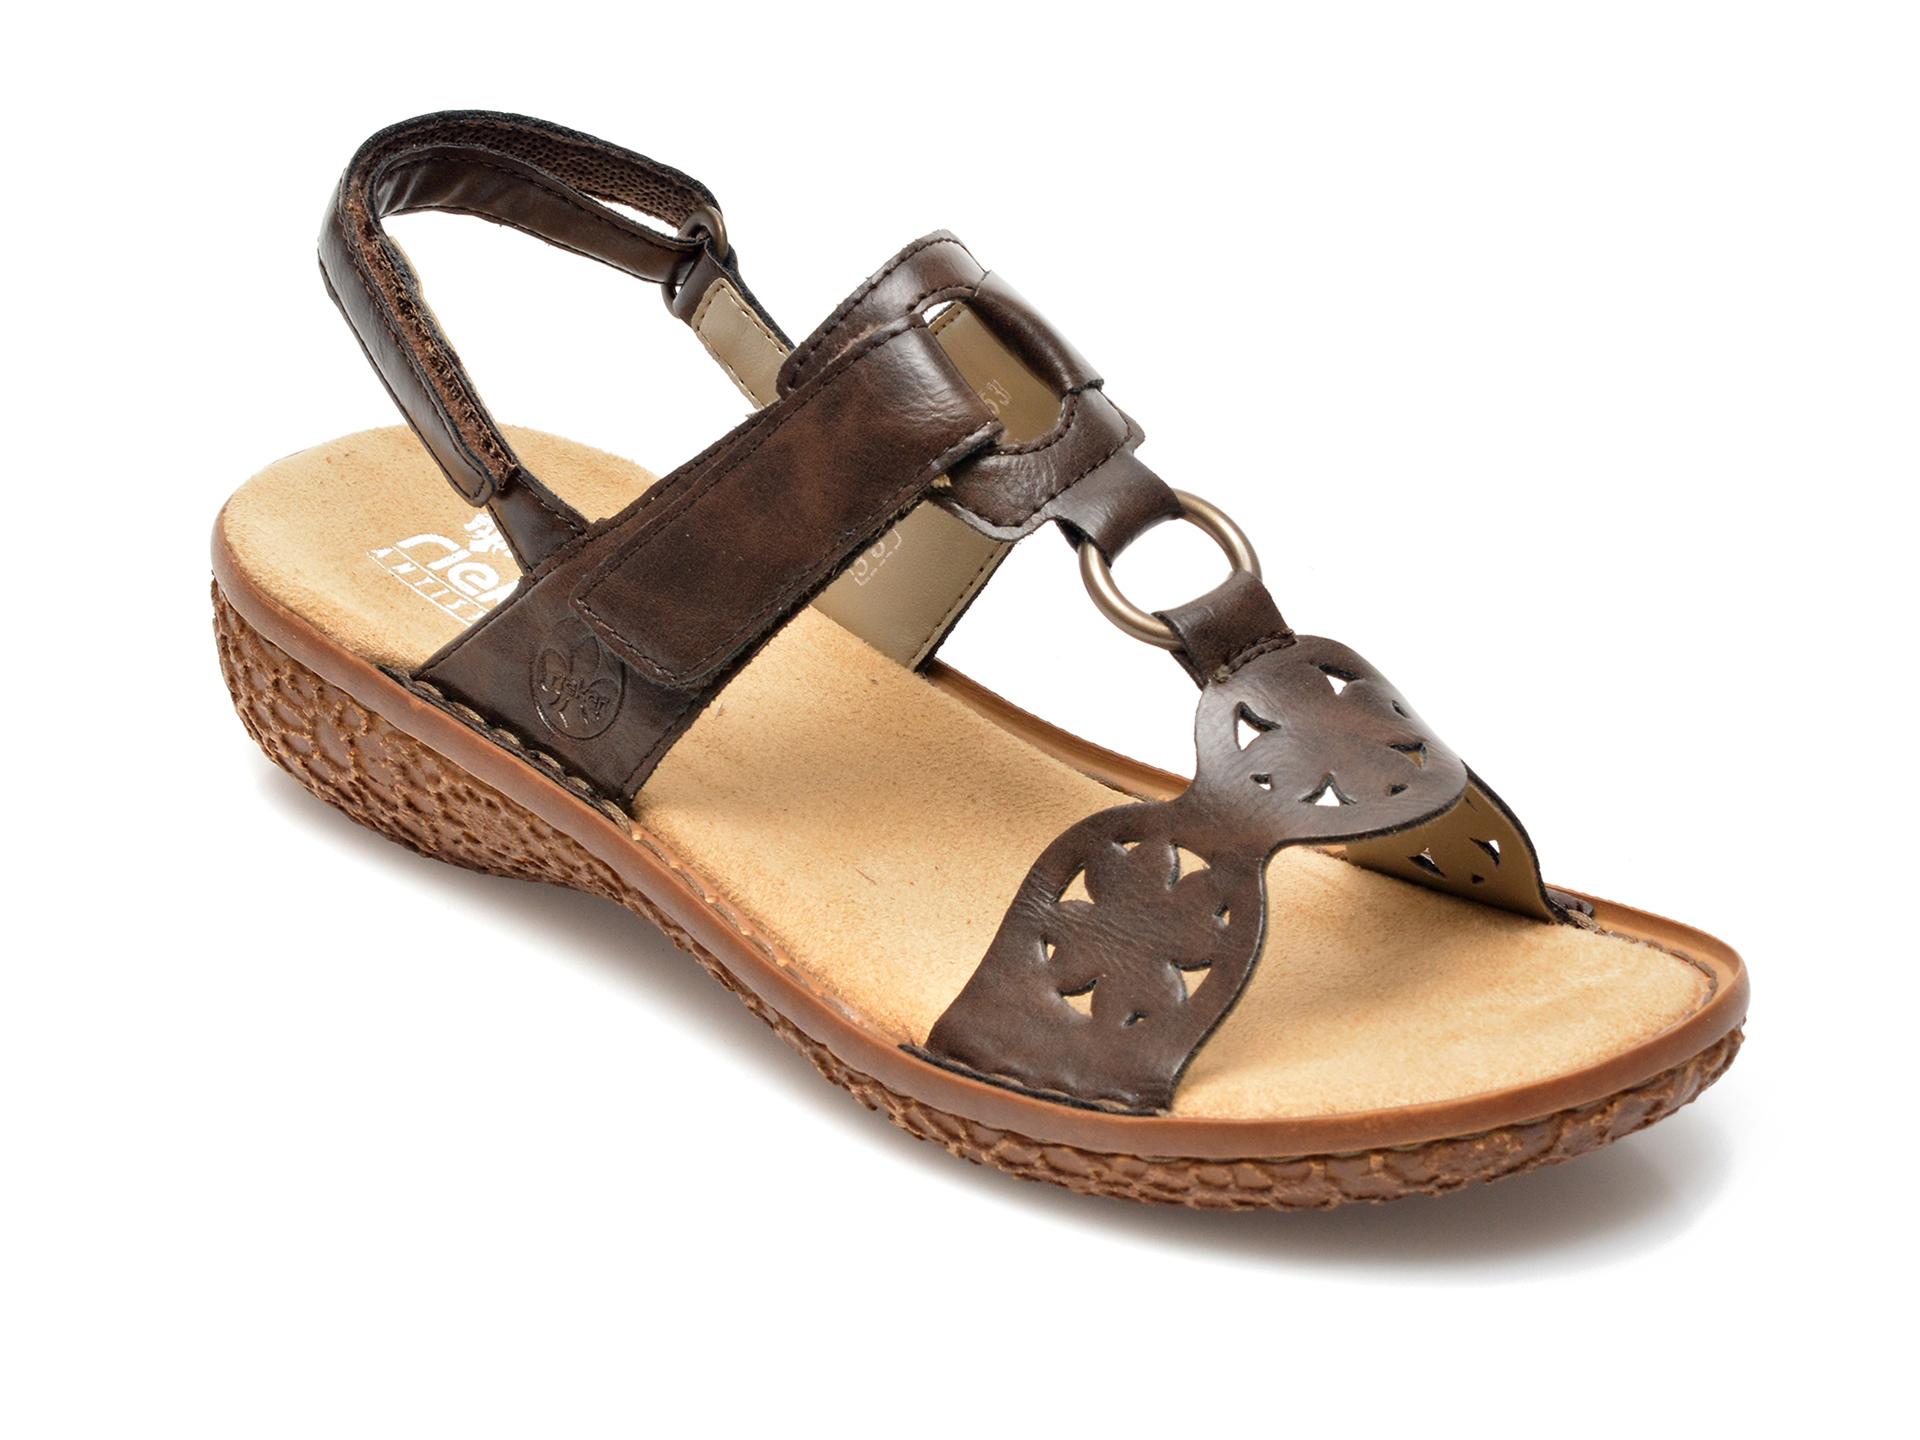 Sandale RIEKER maro, V69T7, din piele ecologica imagine otter.ro 2021